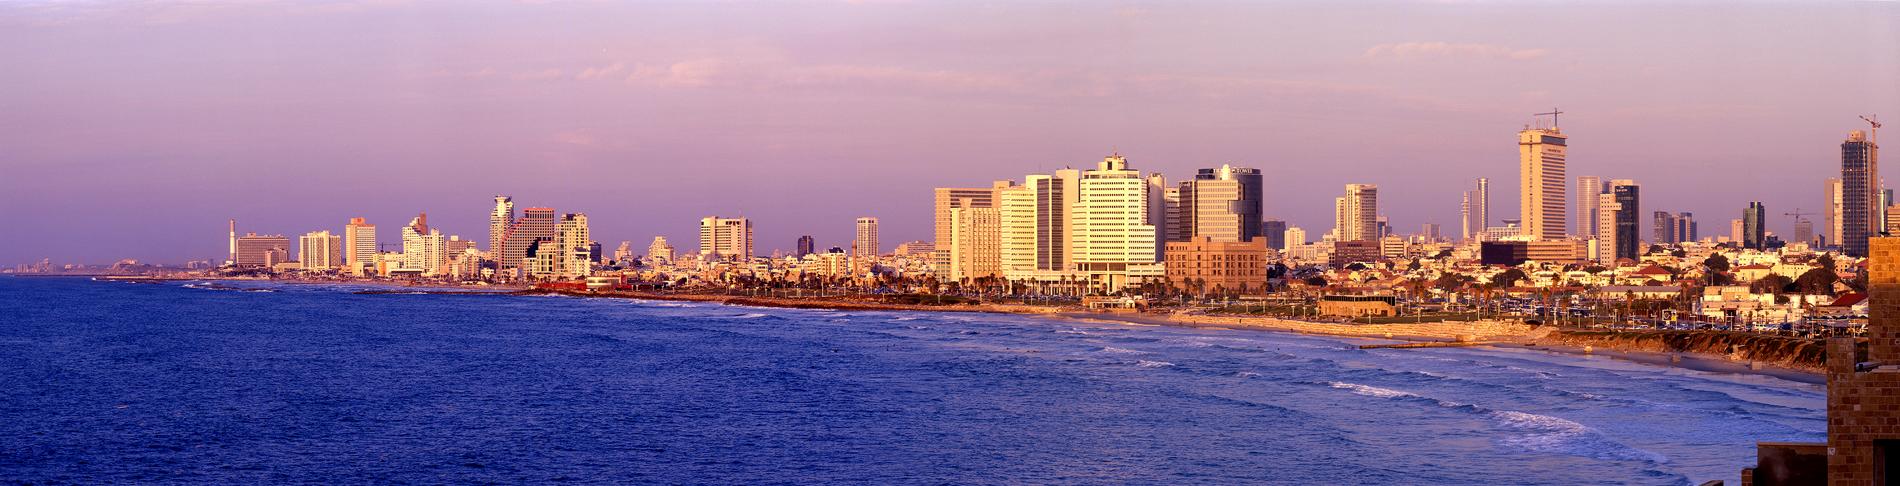 Tel_Aviv_shoreline.jpg